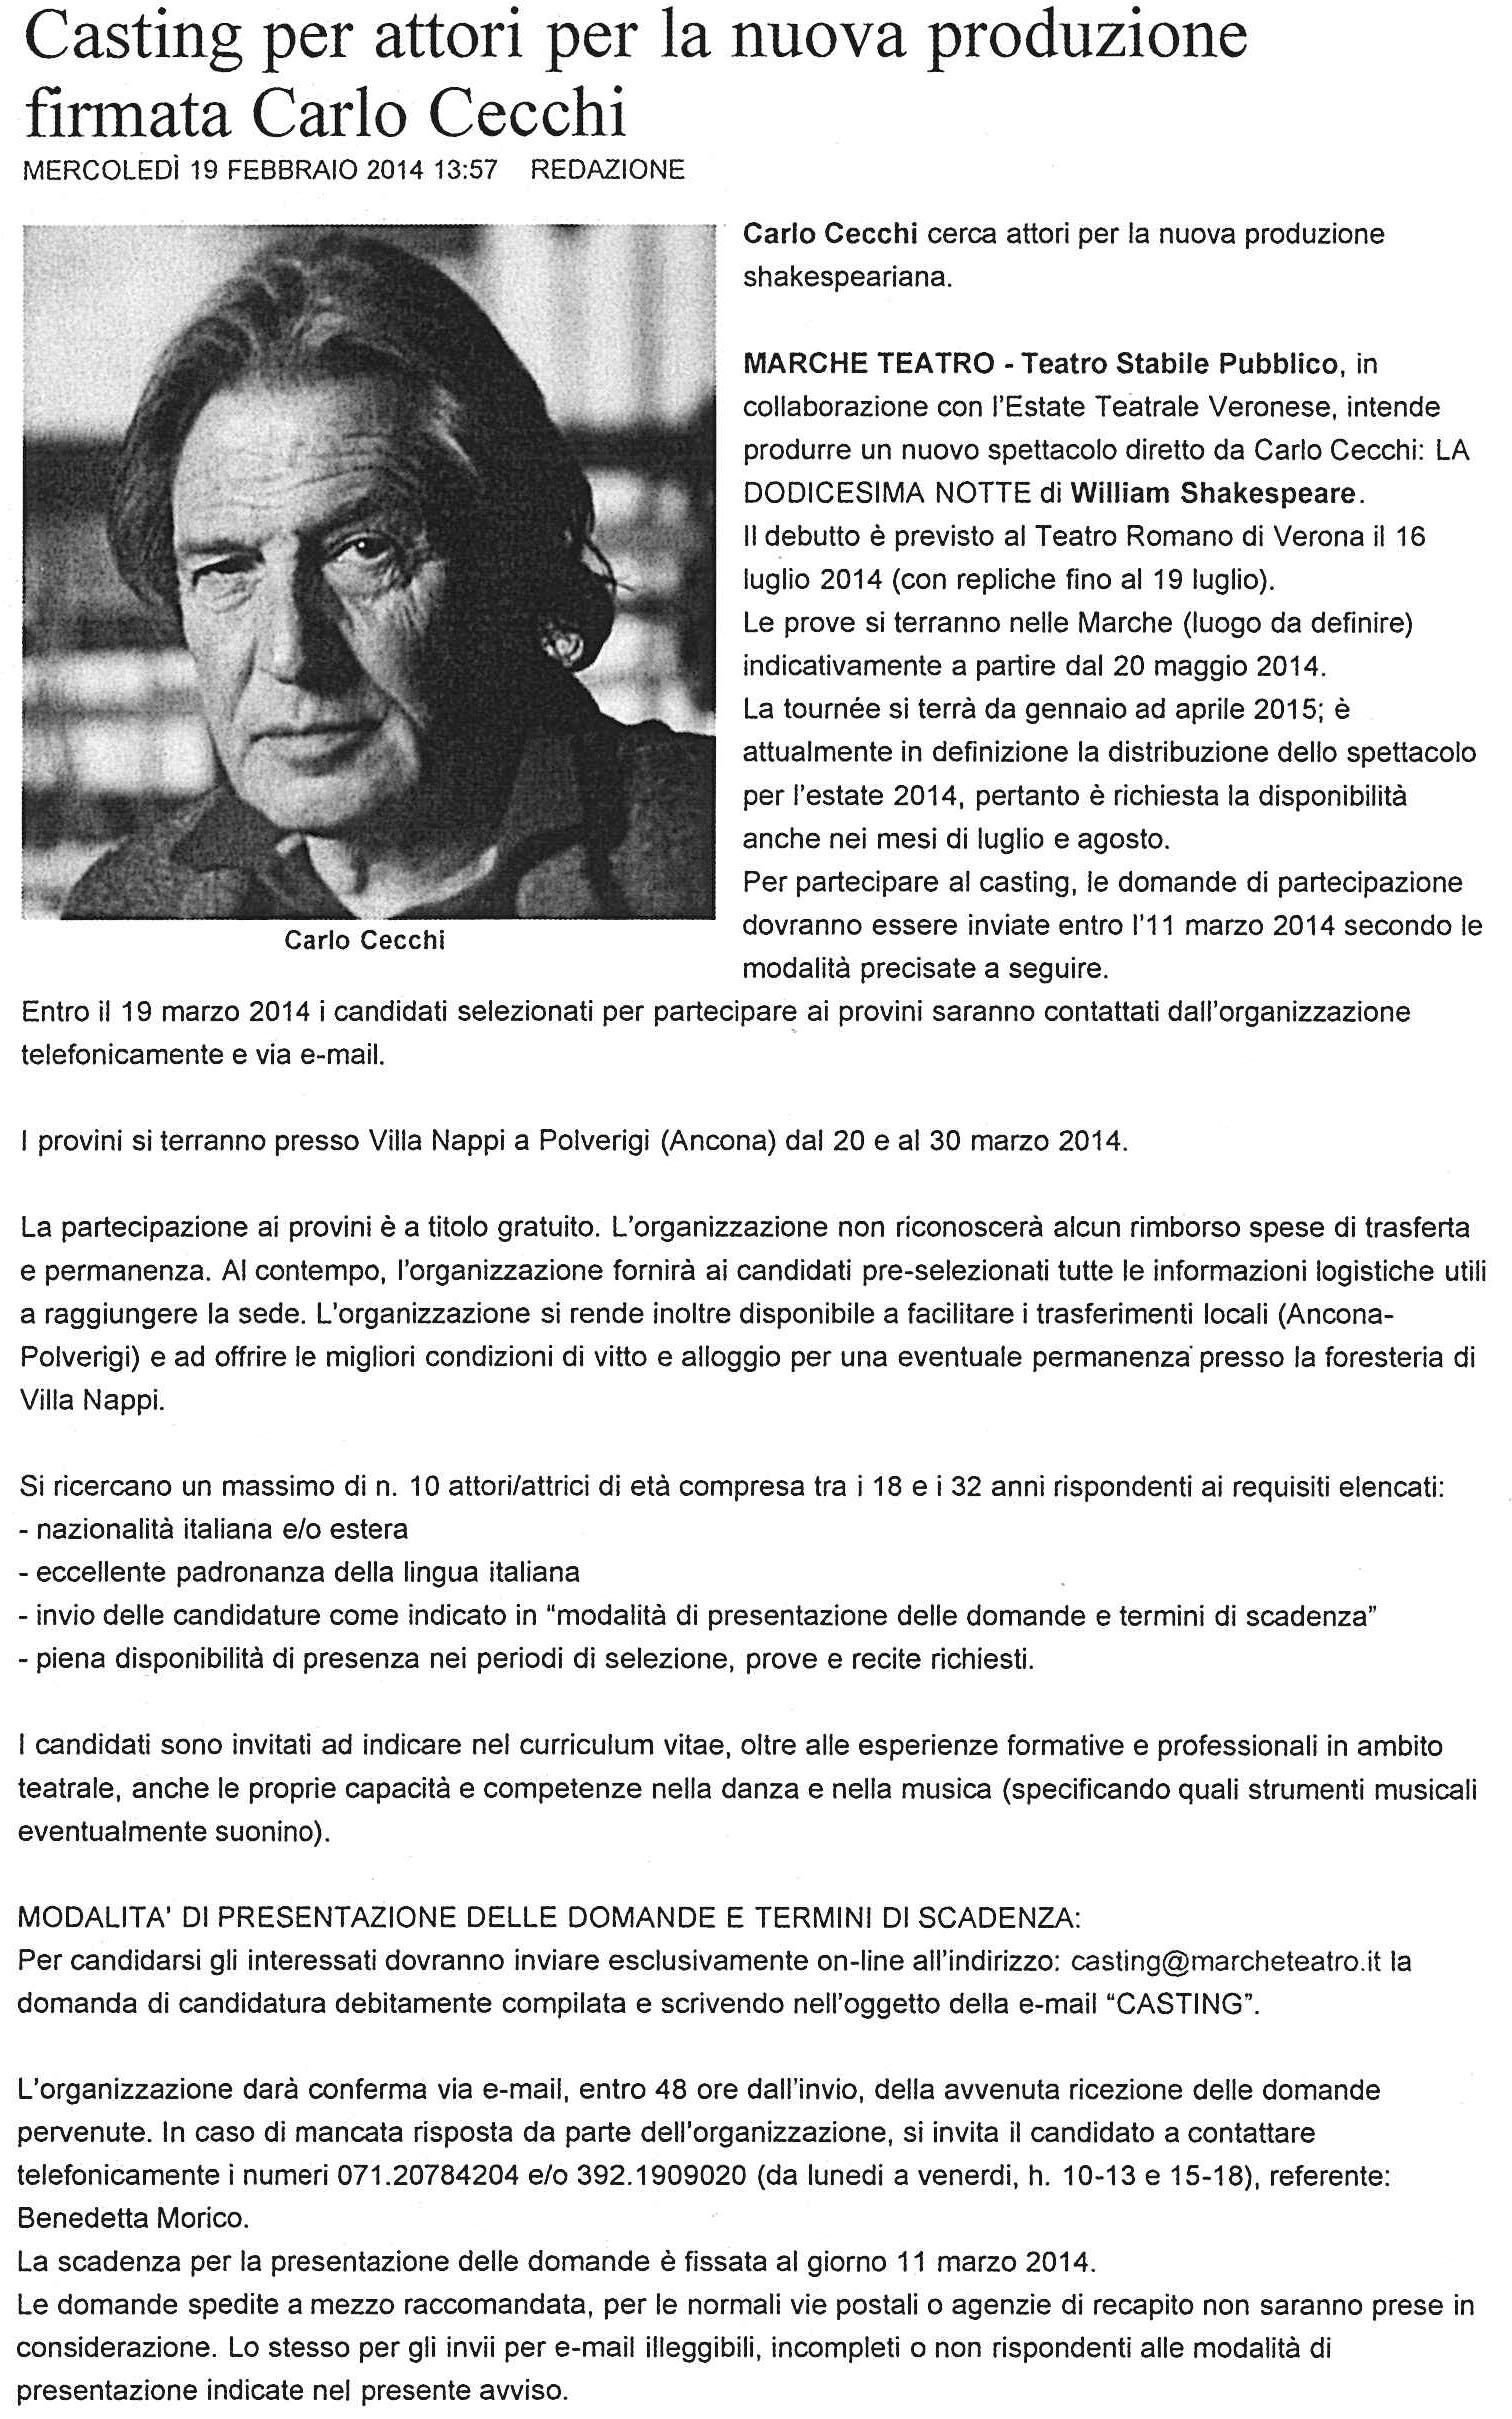 2014.02.19 Casting per attori per la nuova produzione firmata Carlo Cecchi - amediagroup.it